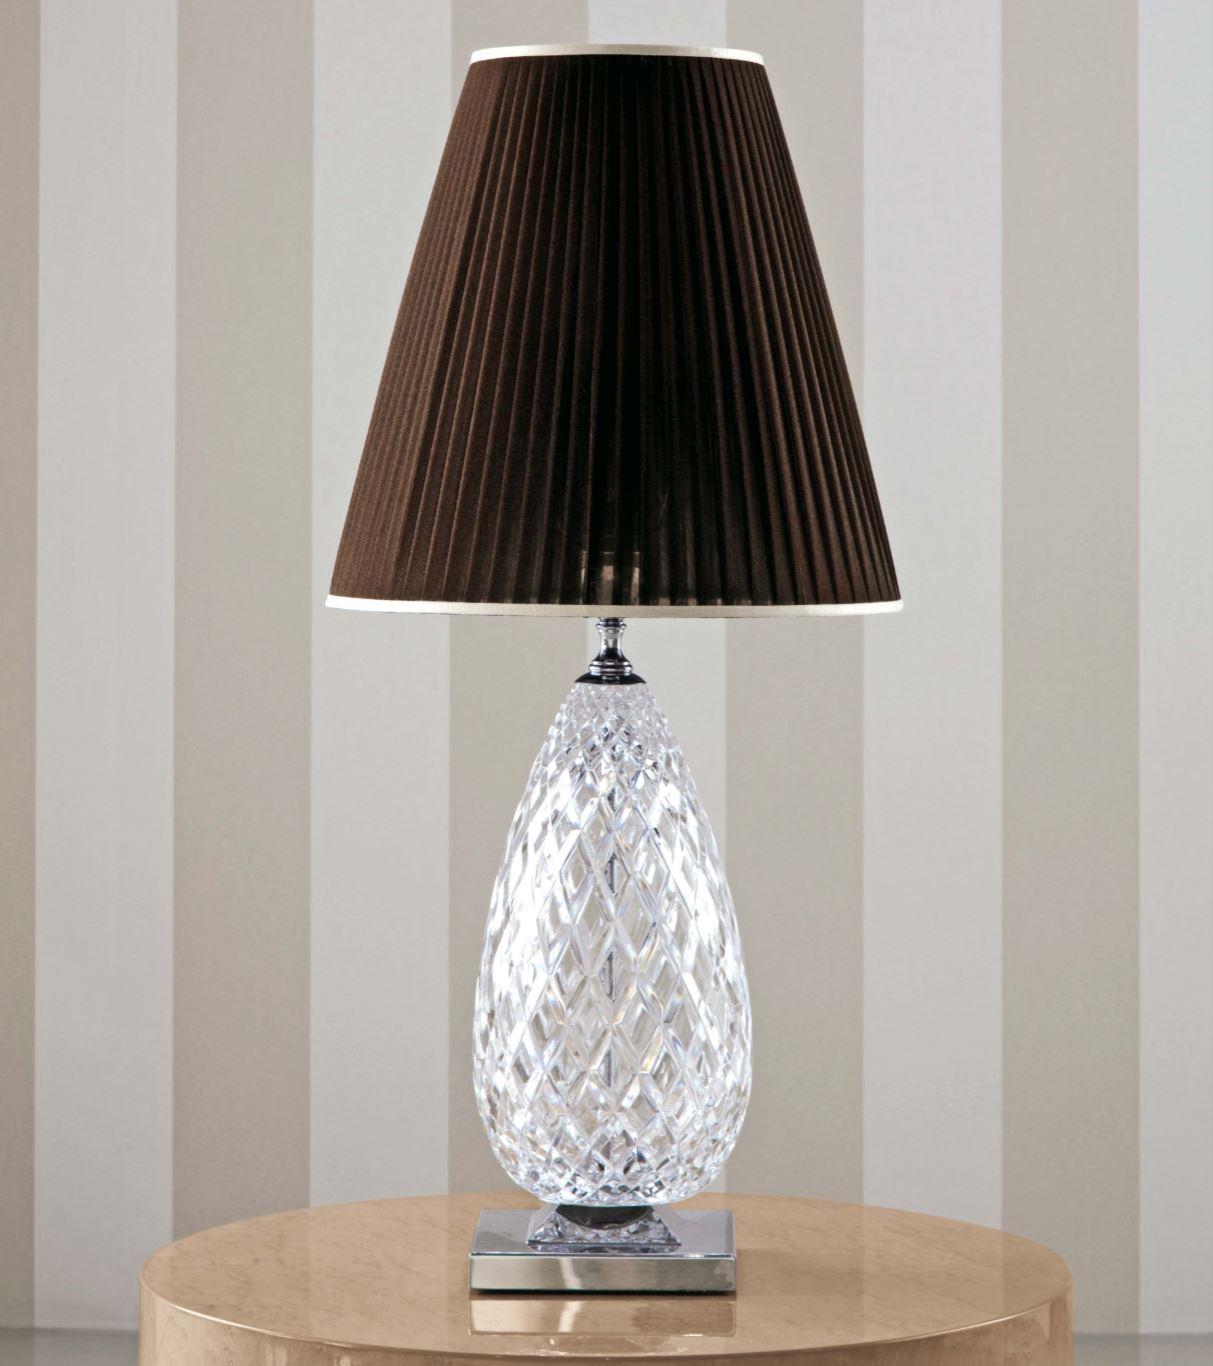 Ginger Lamp